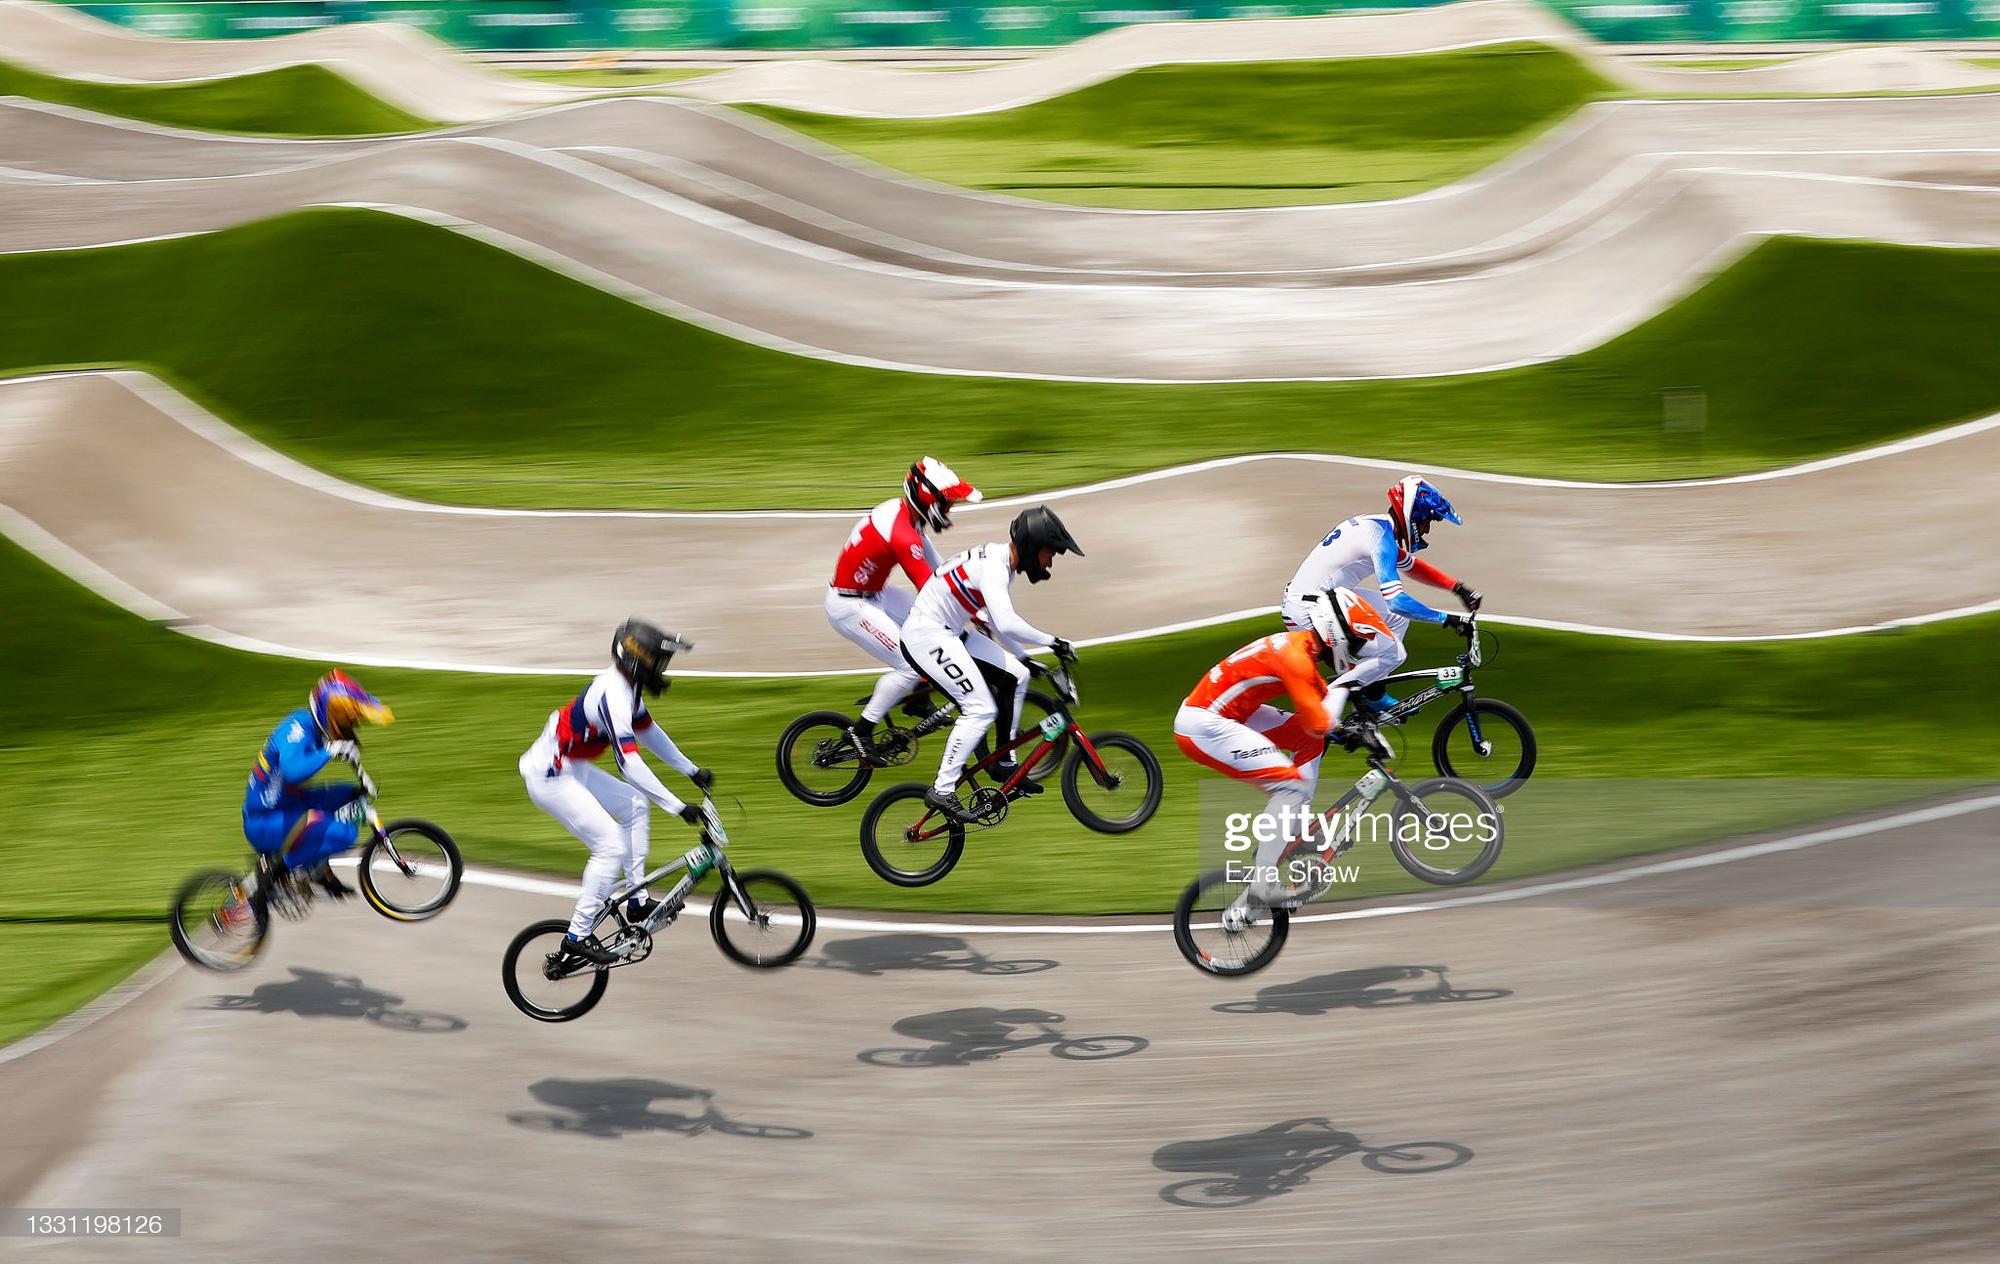 Những góc ảnh đẹp ngỡ ngàng ở Olympic Tokyo 2020 - Ảnh 17.